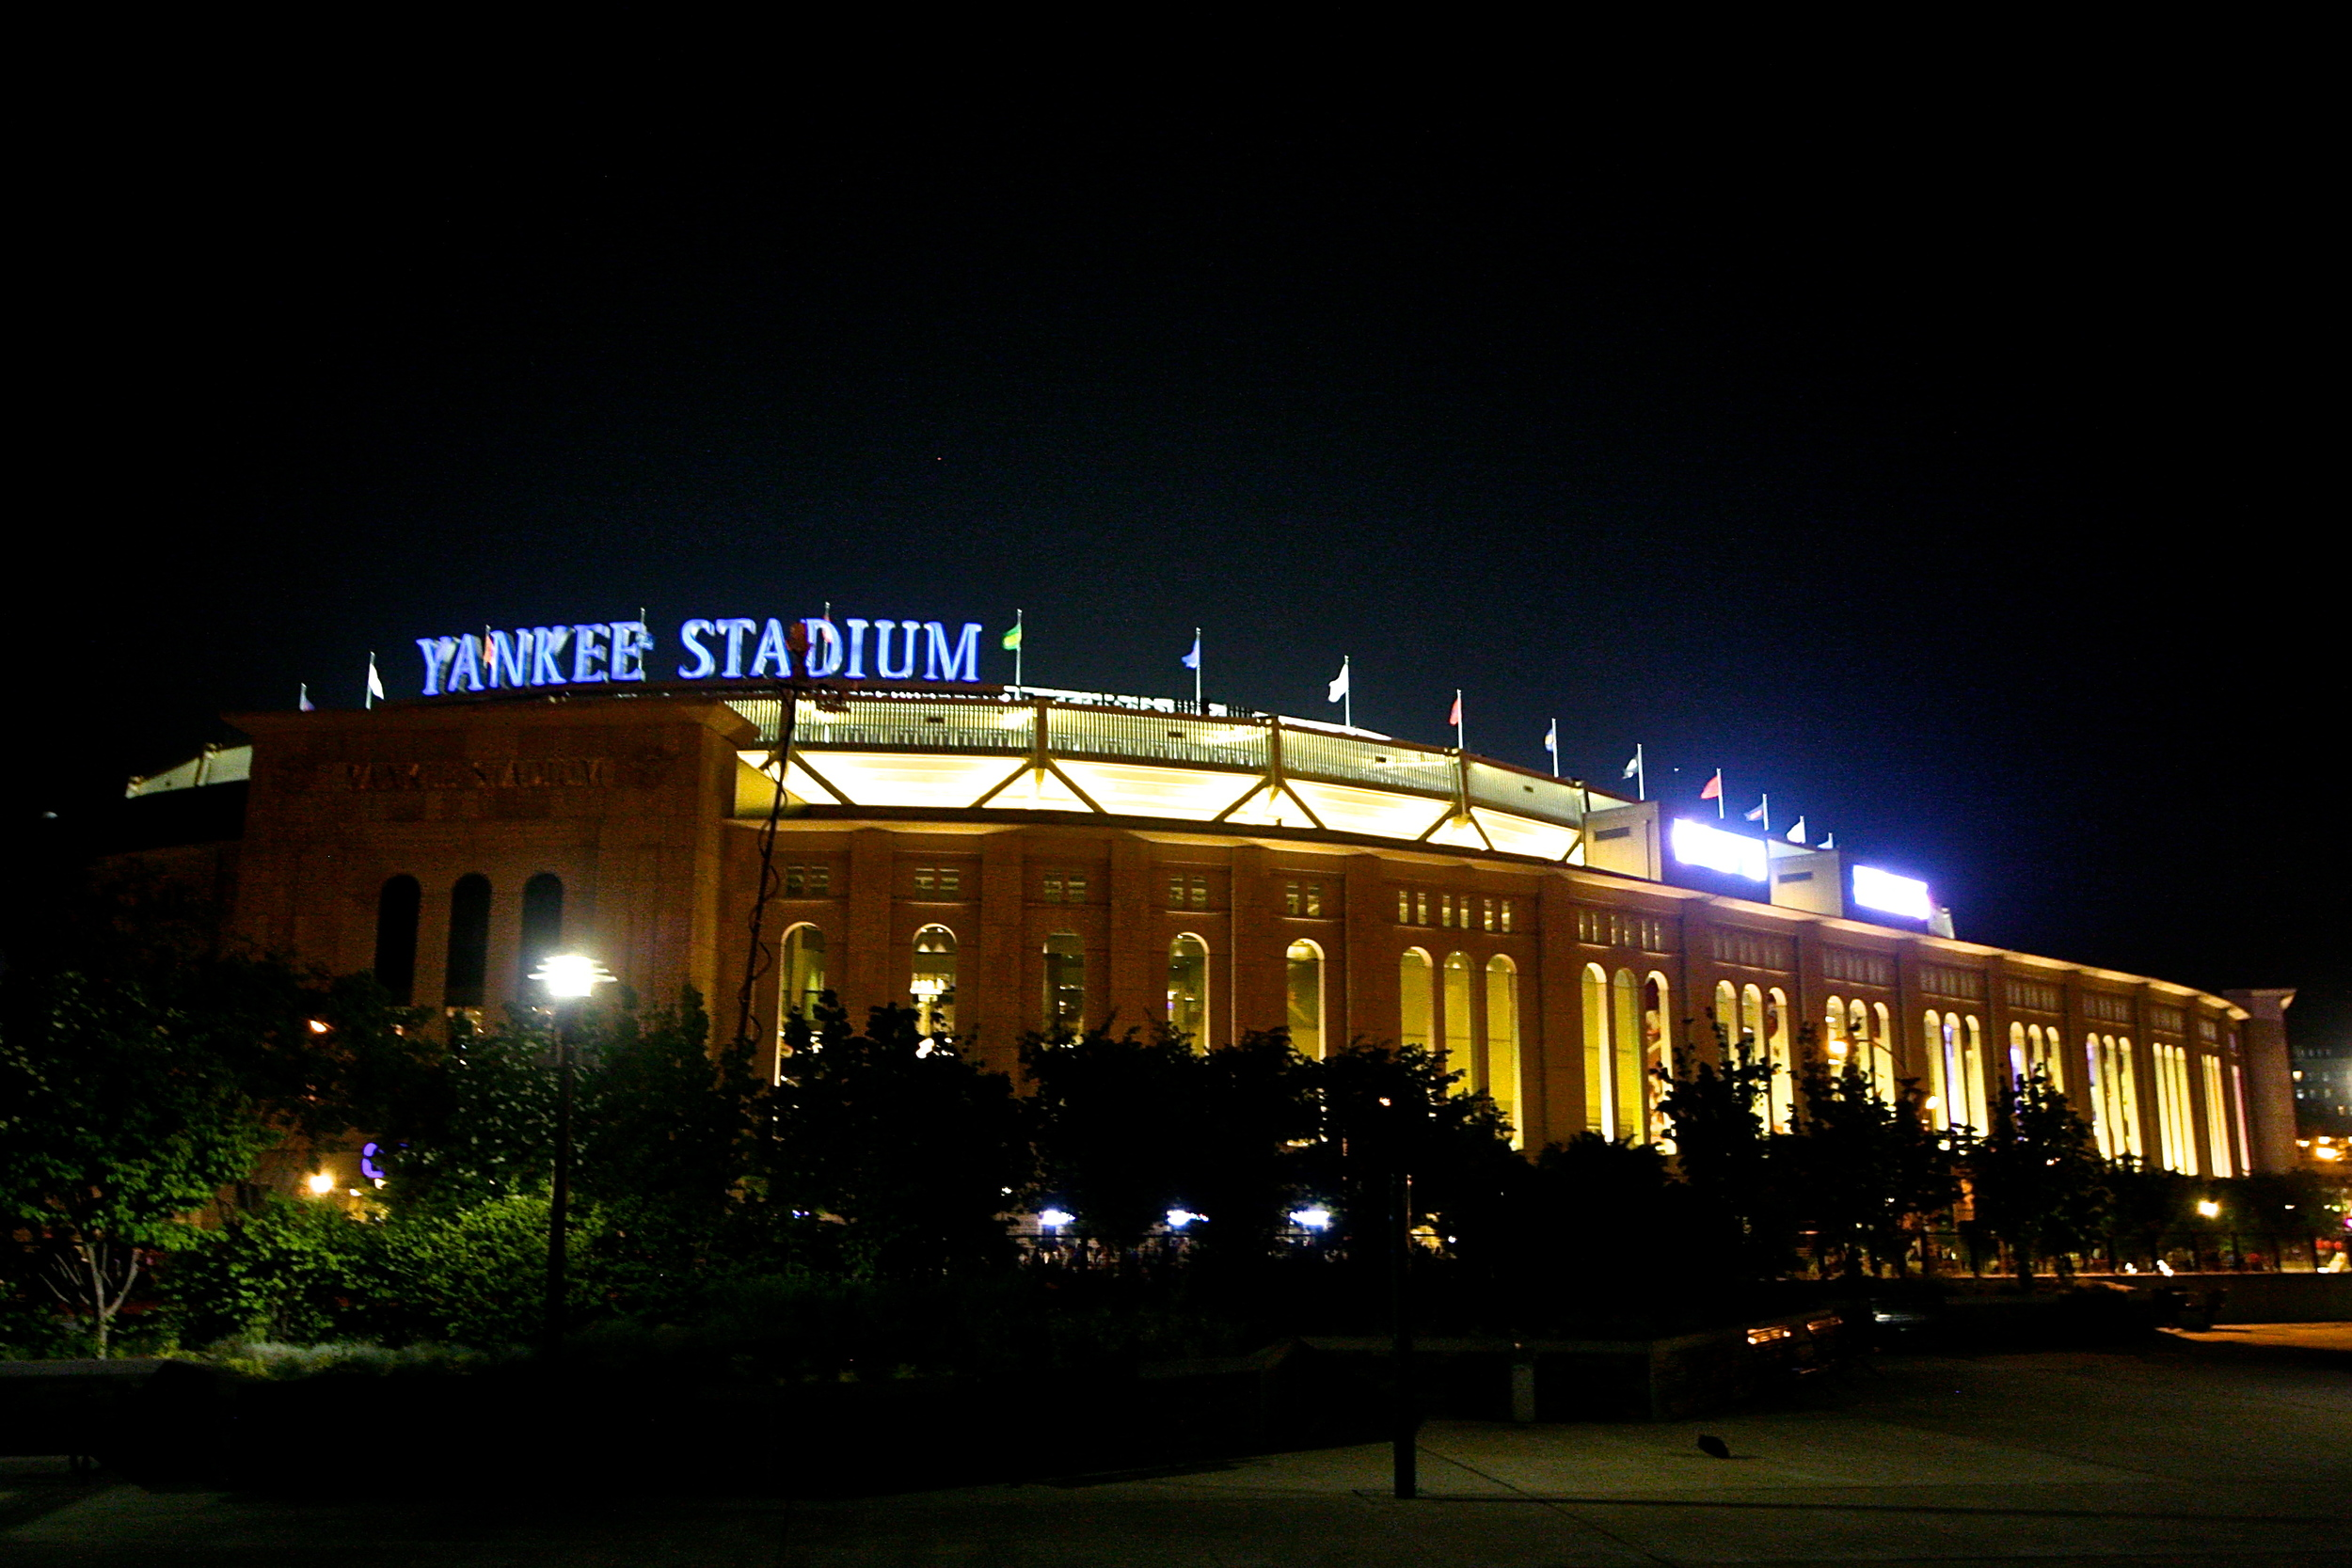 Goodnight Yankee Stadium